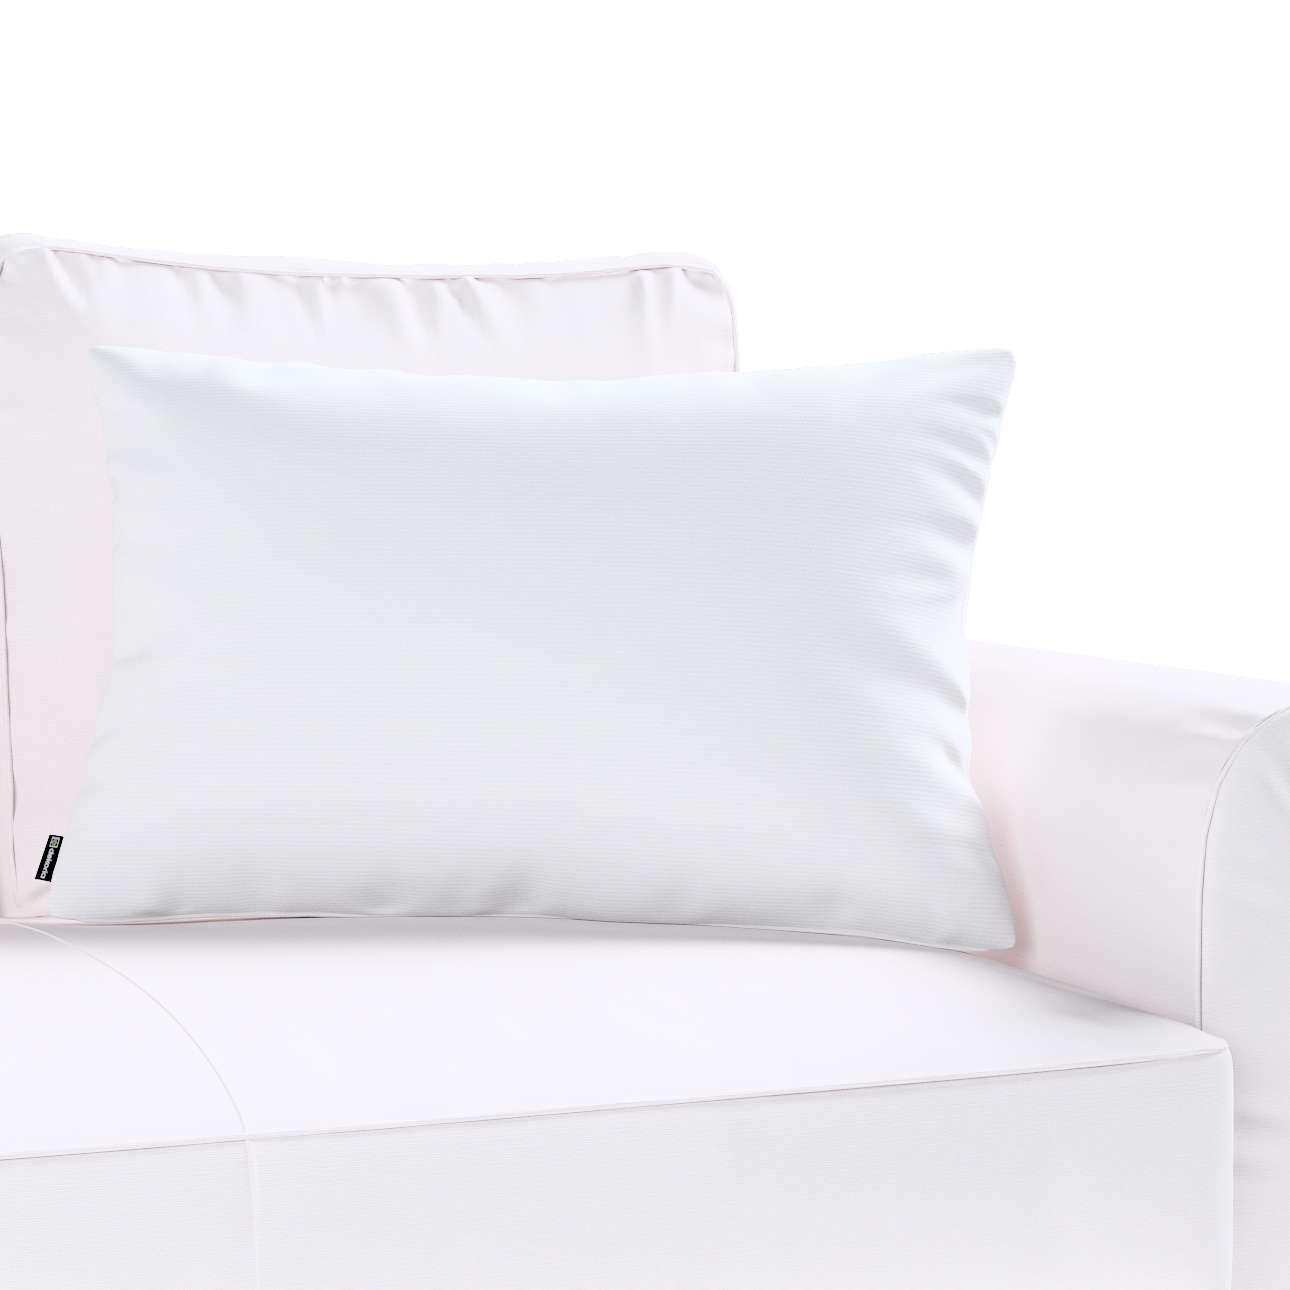 Poszewka Kinga na poduszkę prostokątną 60 x 40 cm w kolekcji Jupiter, tkanina: 127-01